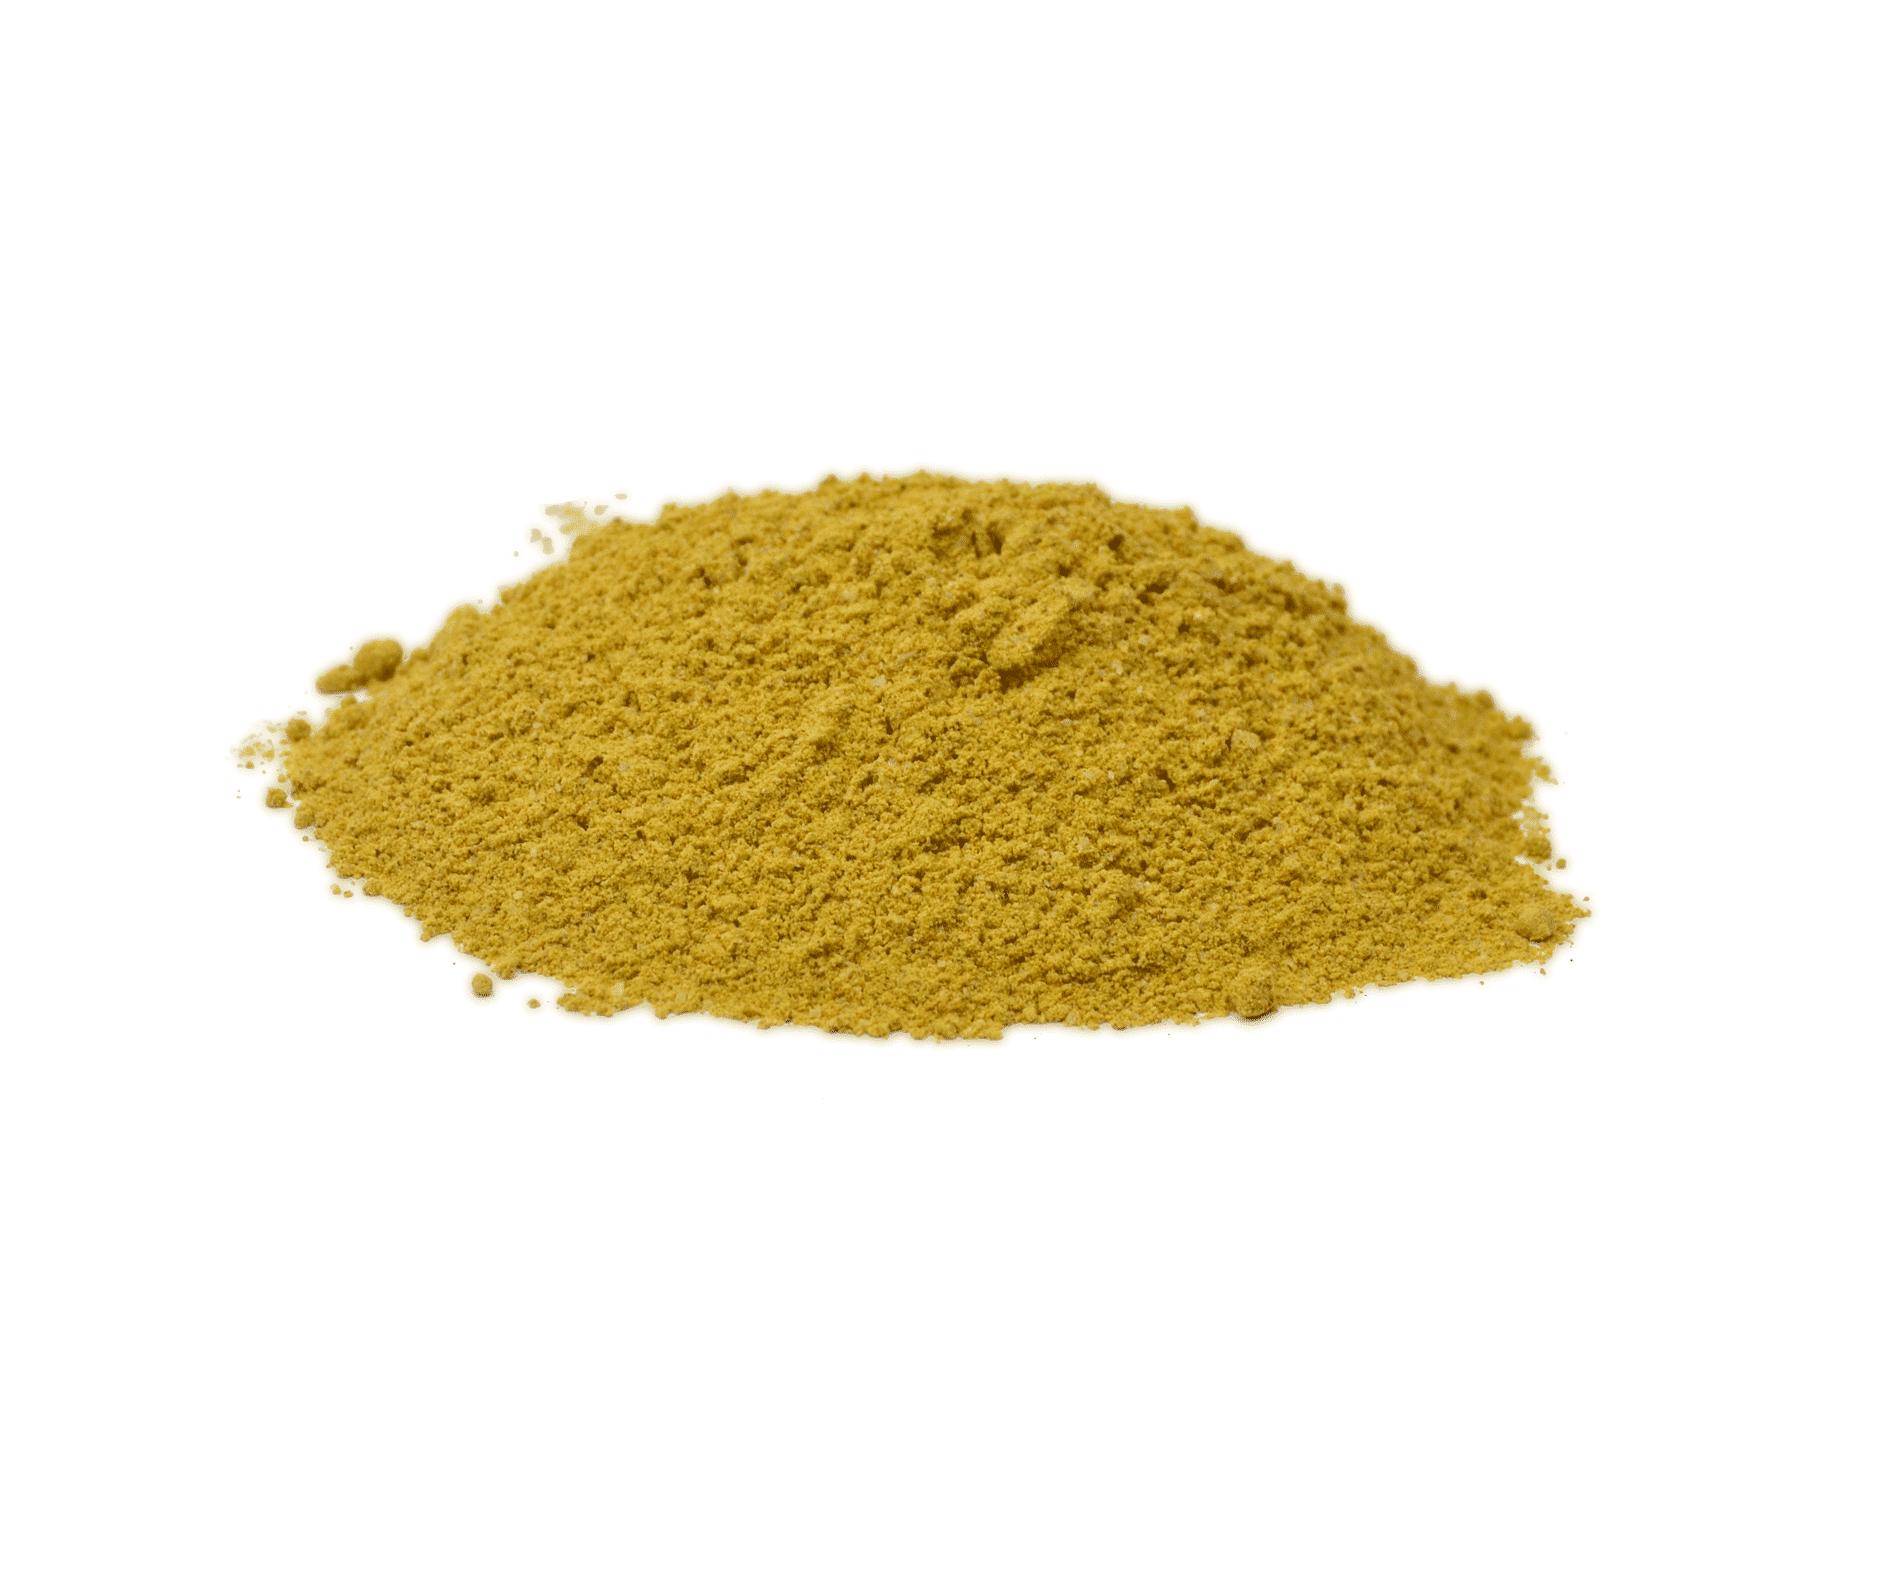 Tajin a granel en nuestra tienda online de frutos secos secofrut.com